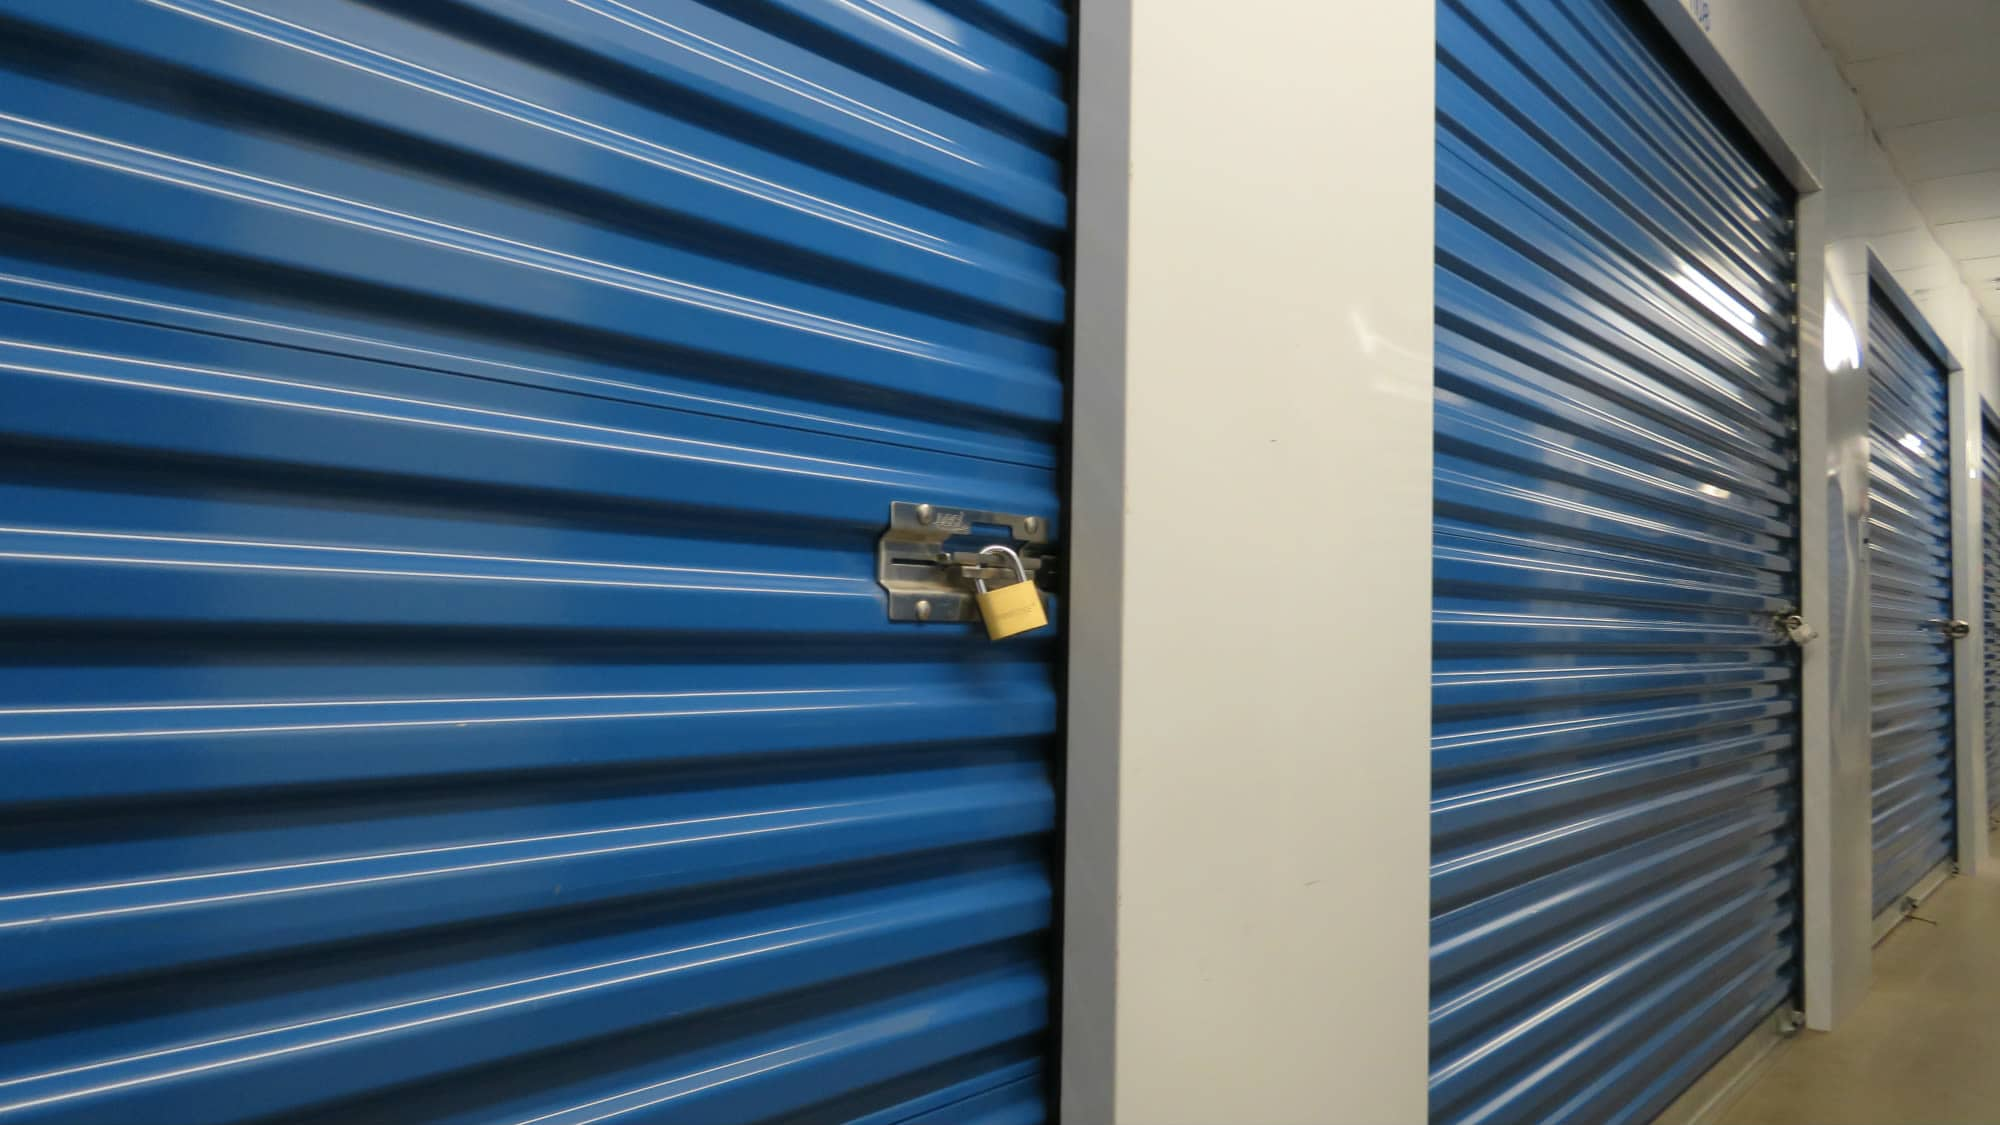 Locked interior unit at Self Storage Plus in Arlington, VA